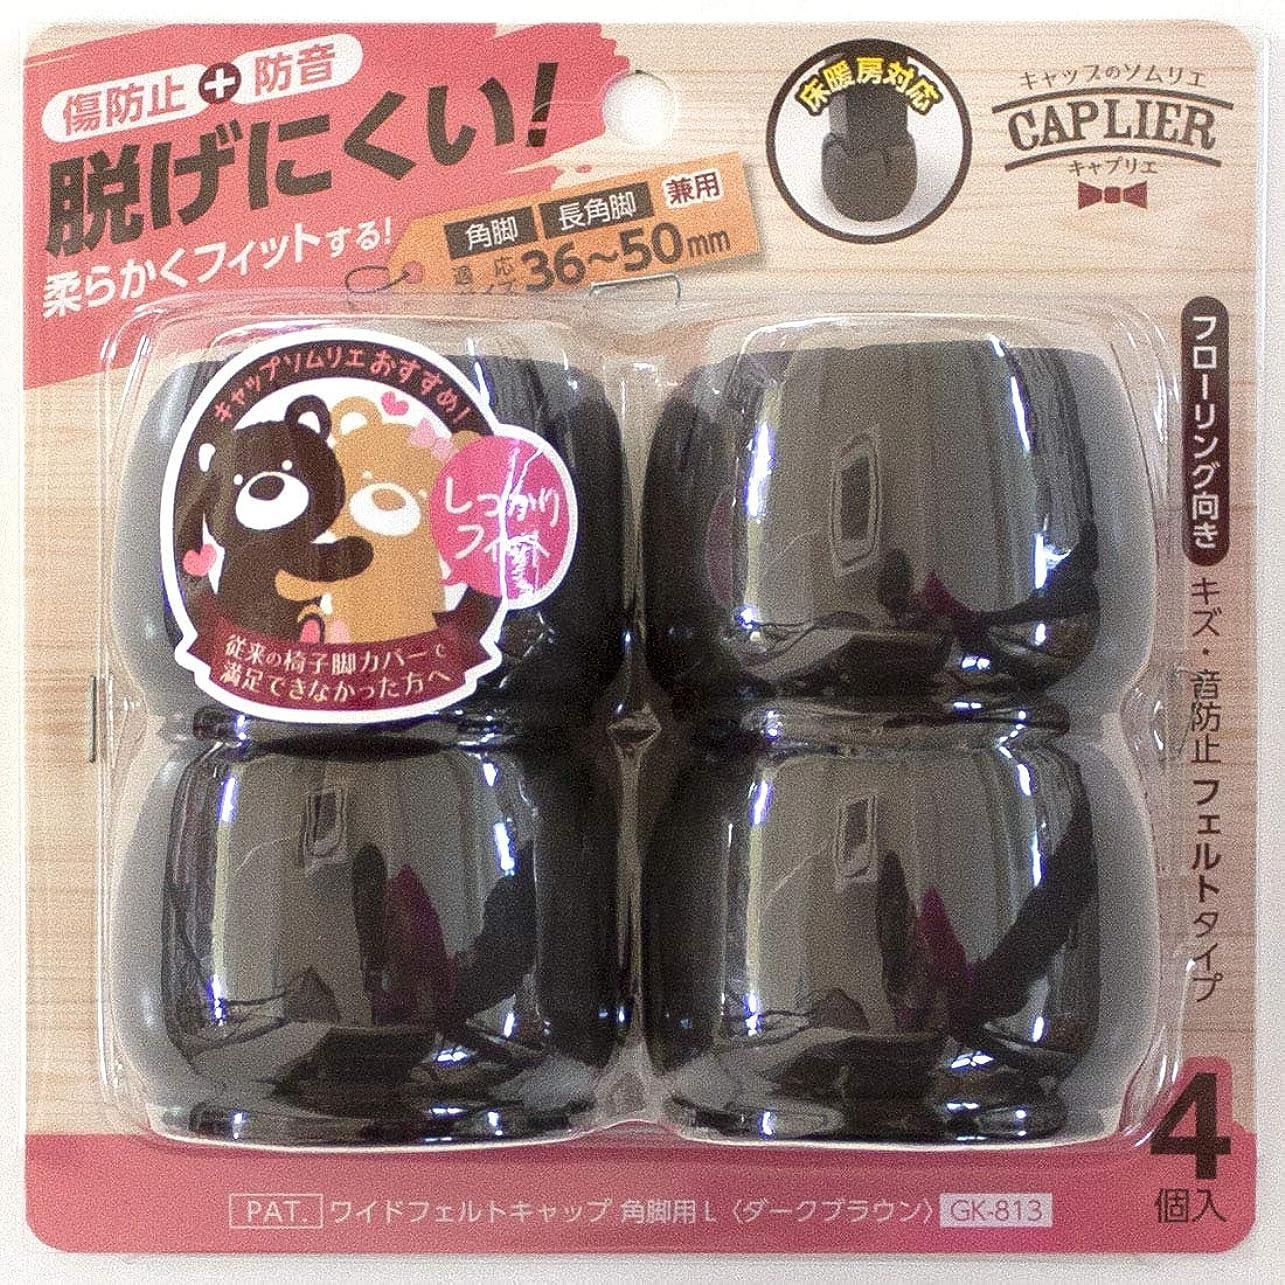 バルブ容疑者サンダーWAKI ワイドフェルトキャップ角脚用Lサイズ【濃茶】4個セット GK-813